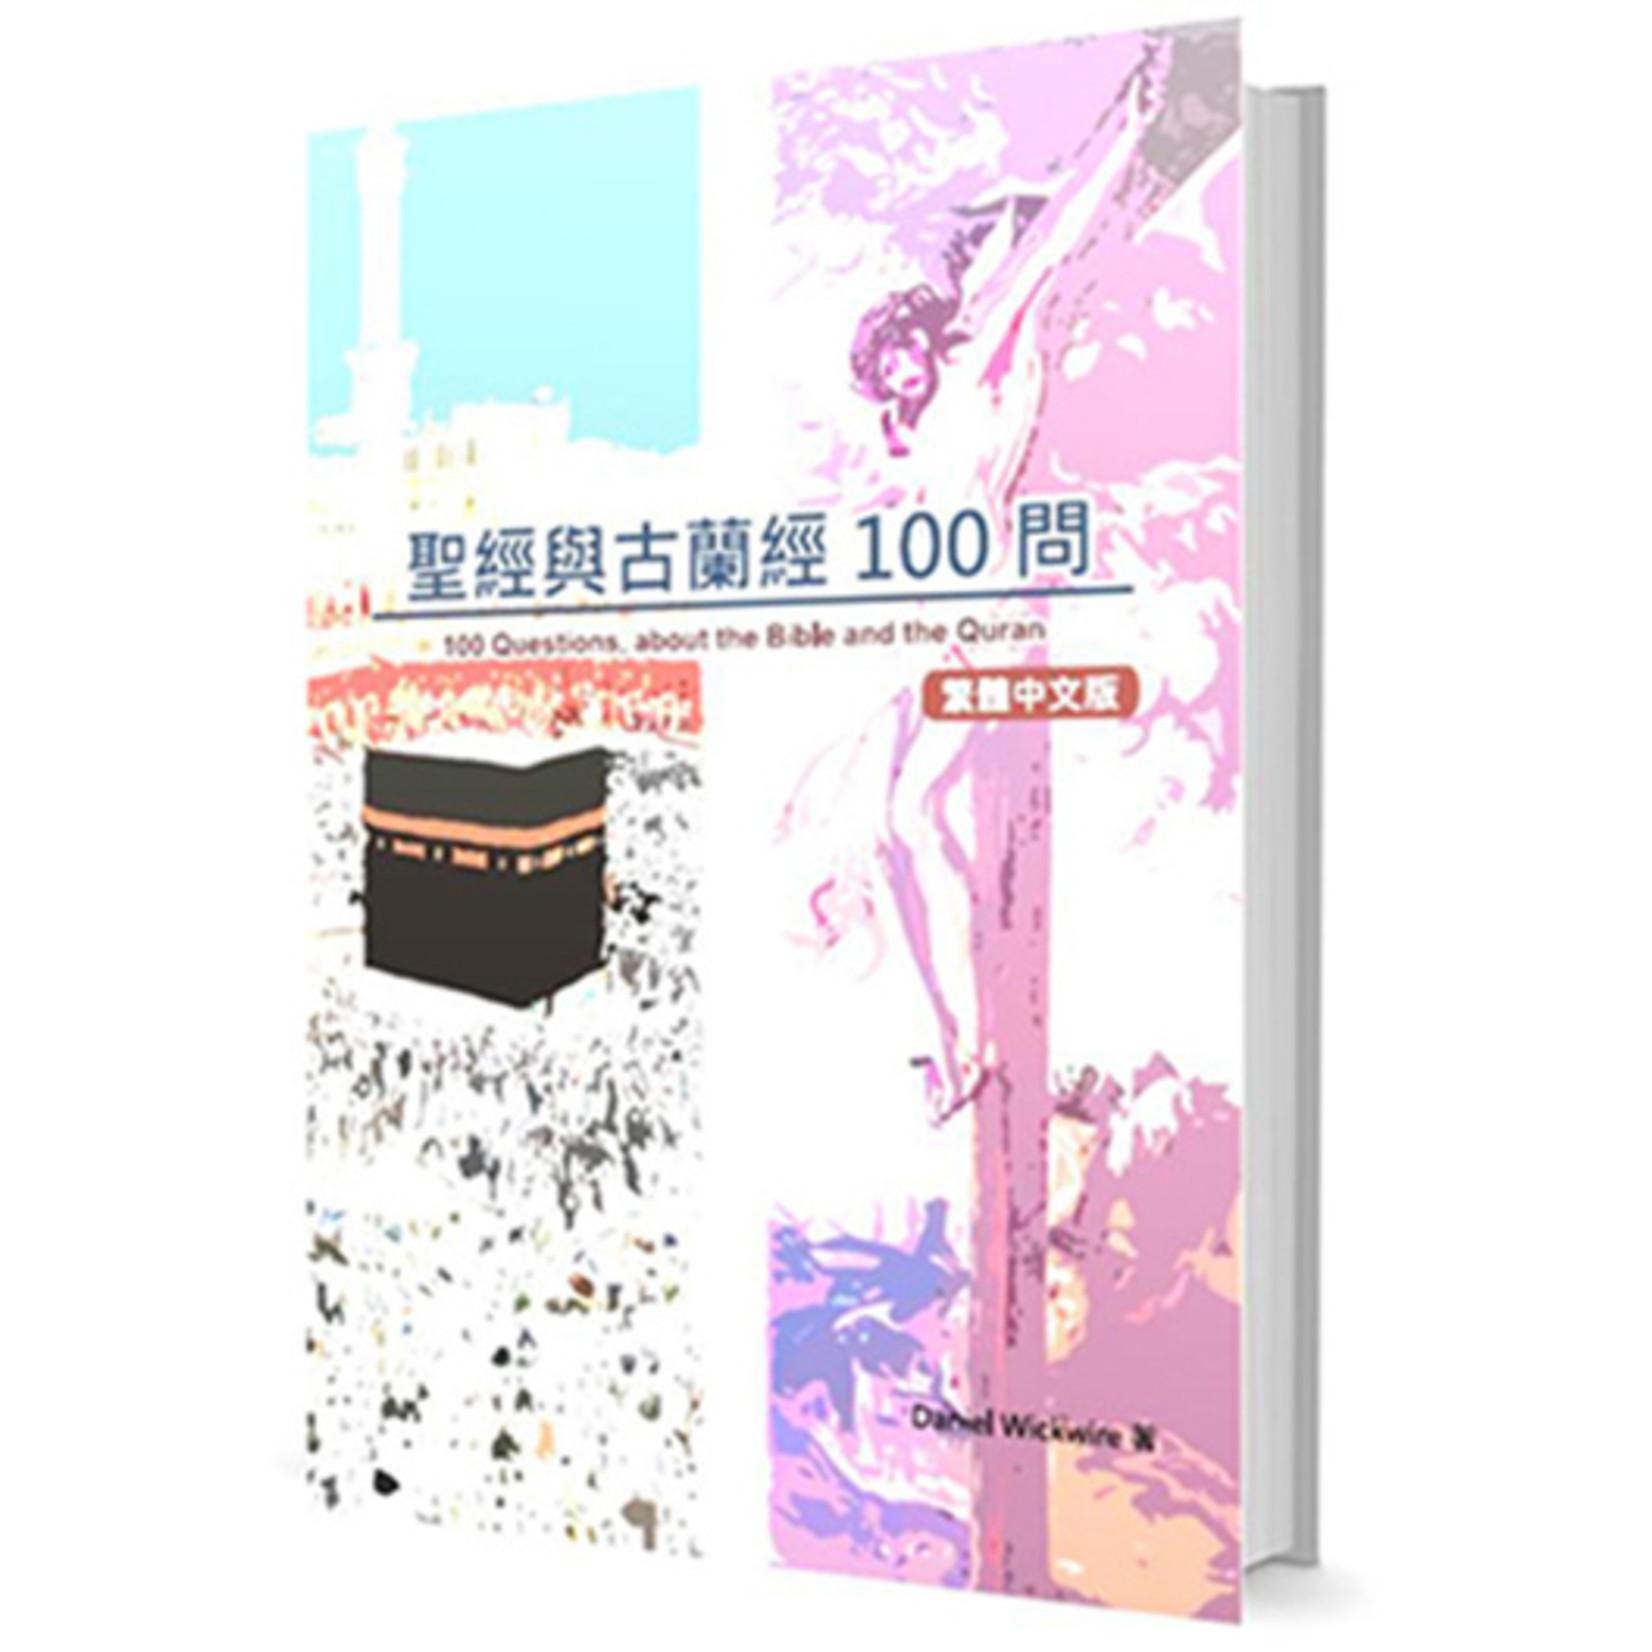 前線差會 Frontiers 聖經與古蘭經100問 100 Questions, about the Bible and the Quran